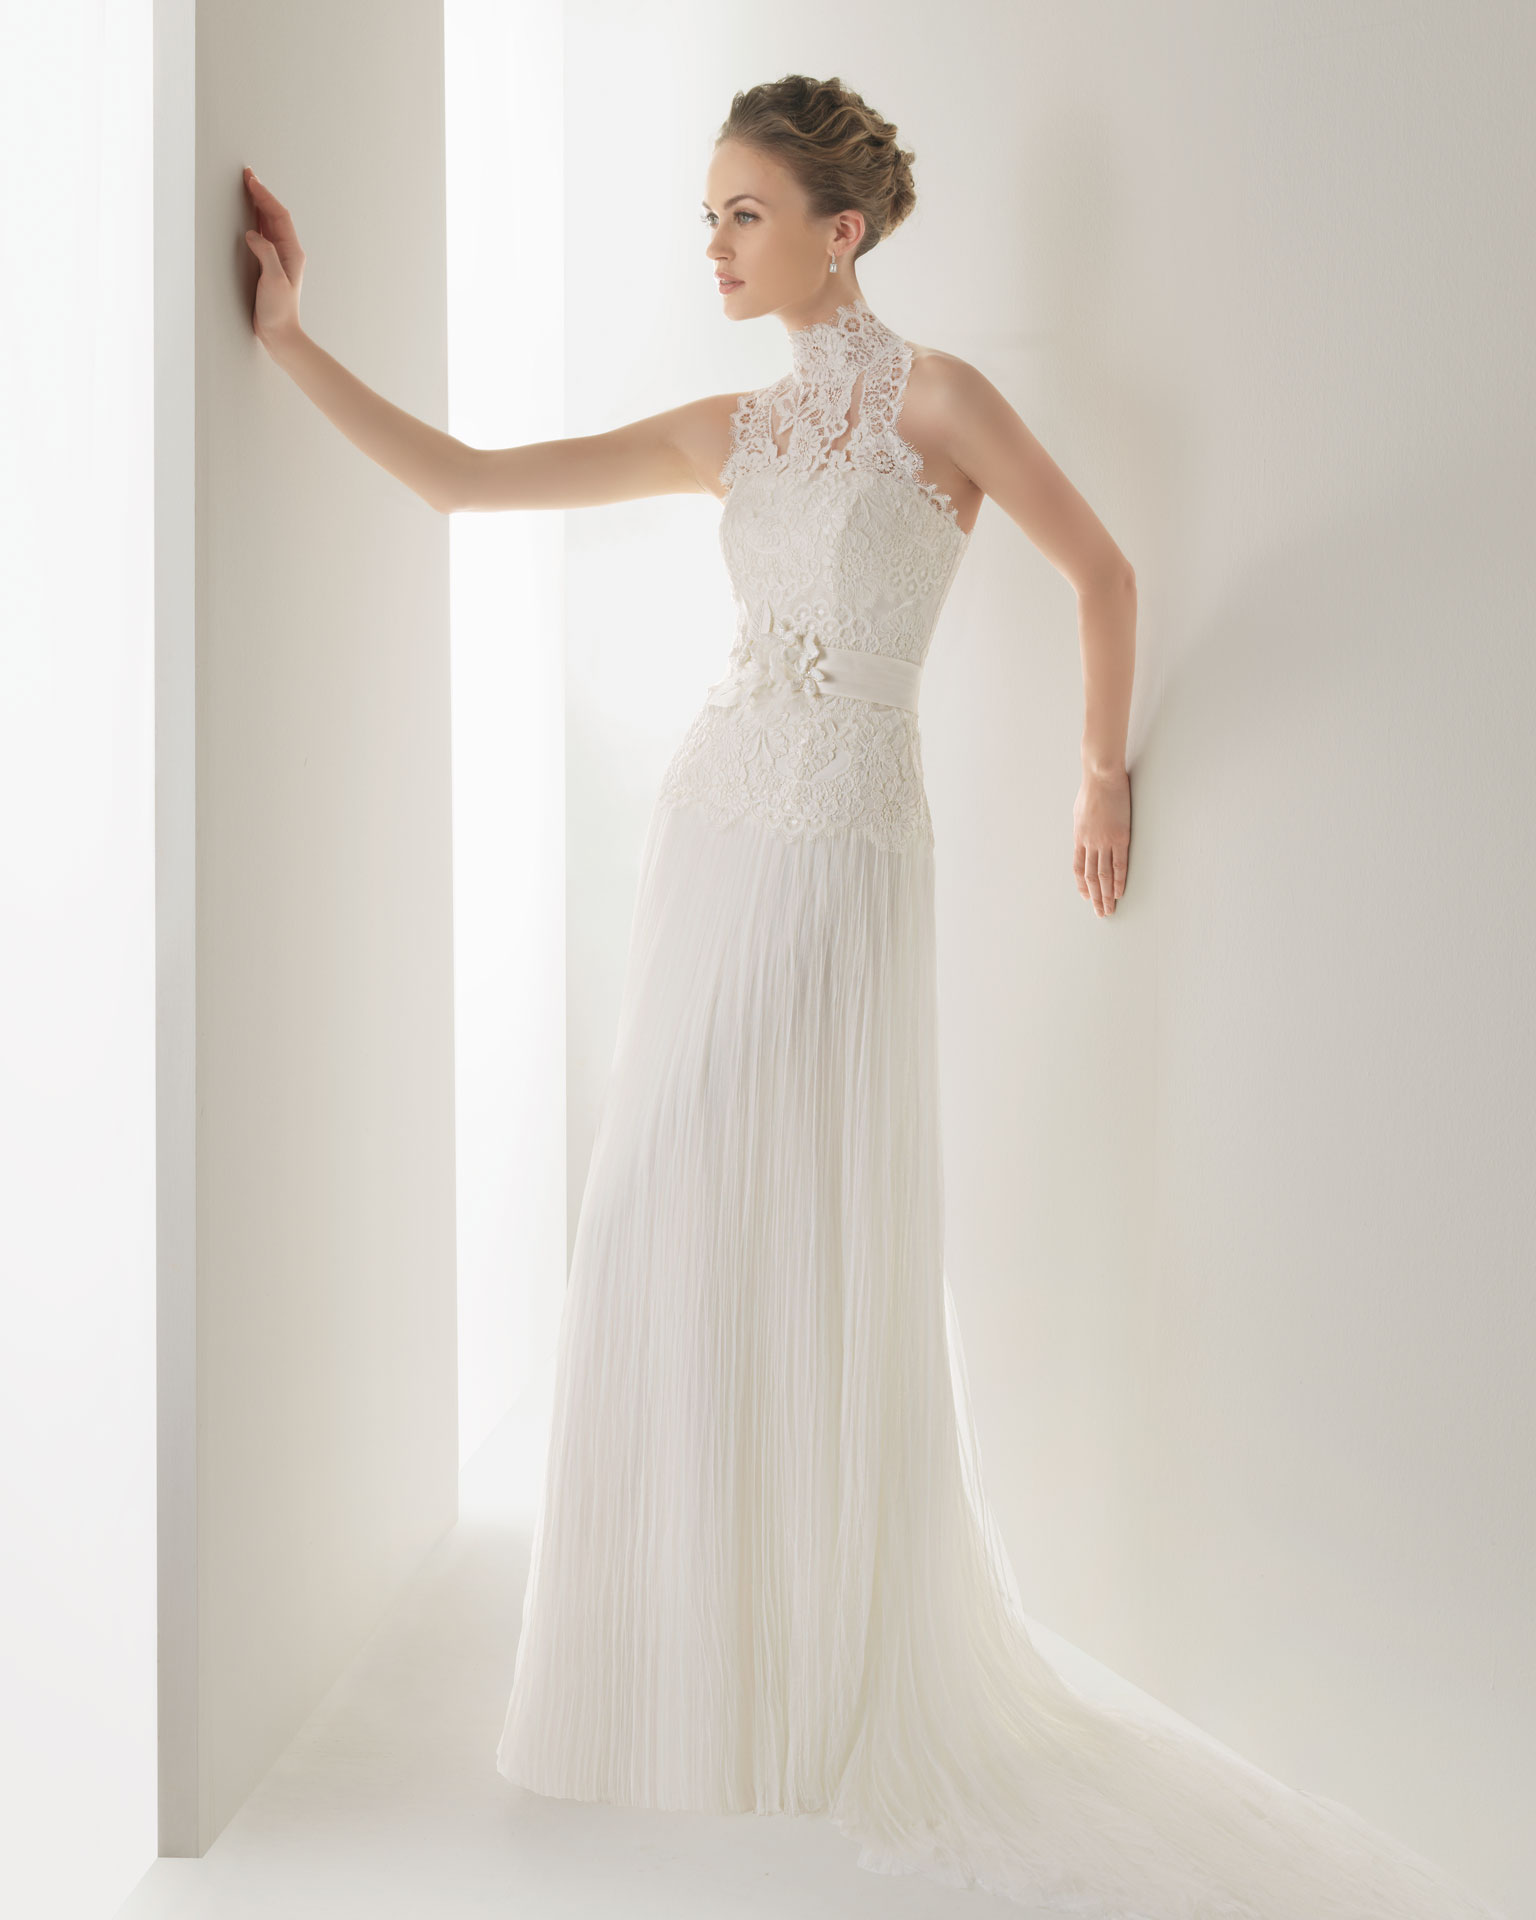 Свадебные платья для торжества 2013 несут в себе отпечаток модных тенденций сезона. Это летящие силуэты, роскошные дорогие материалы и способность